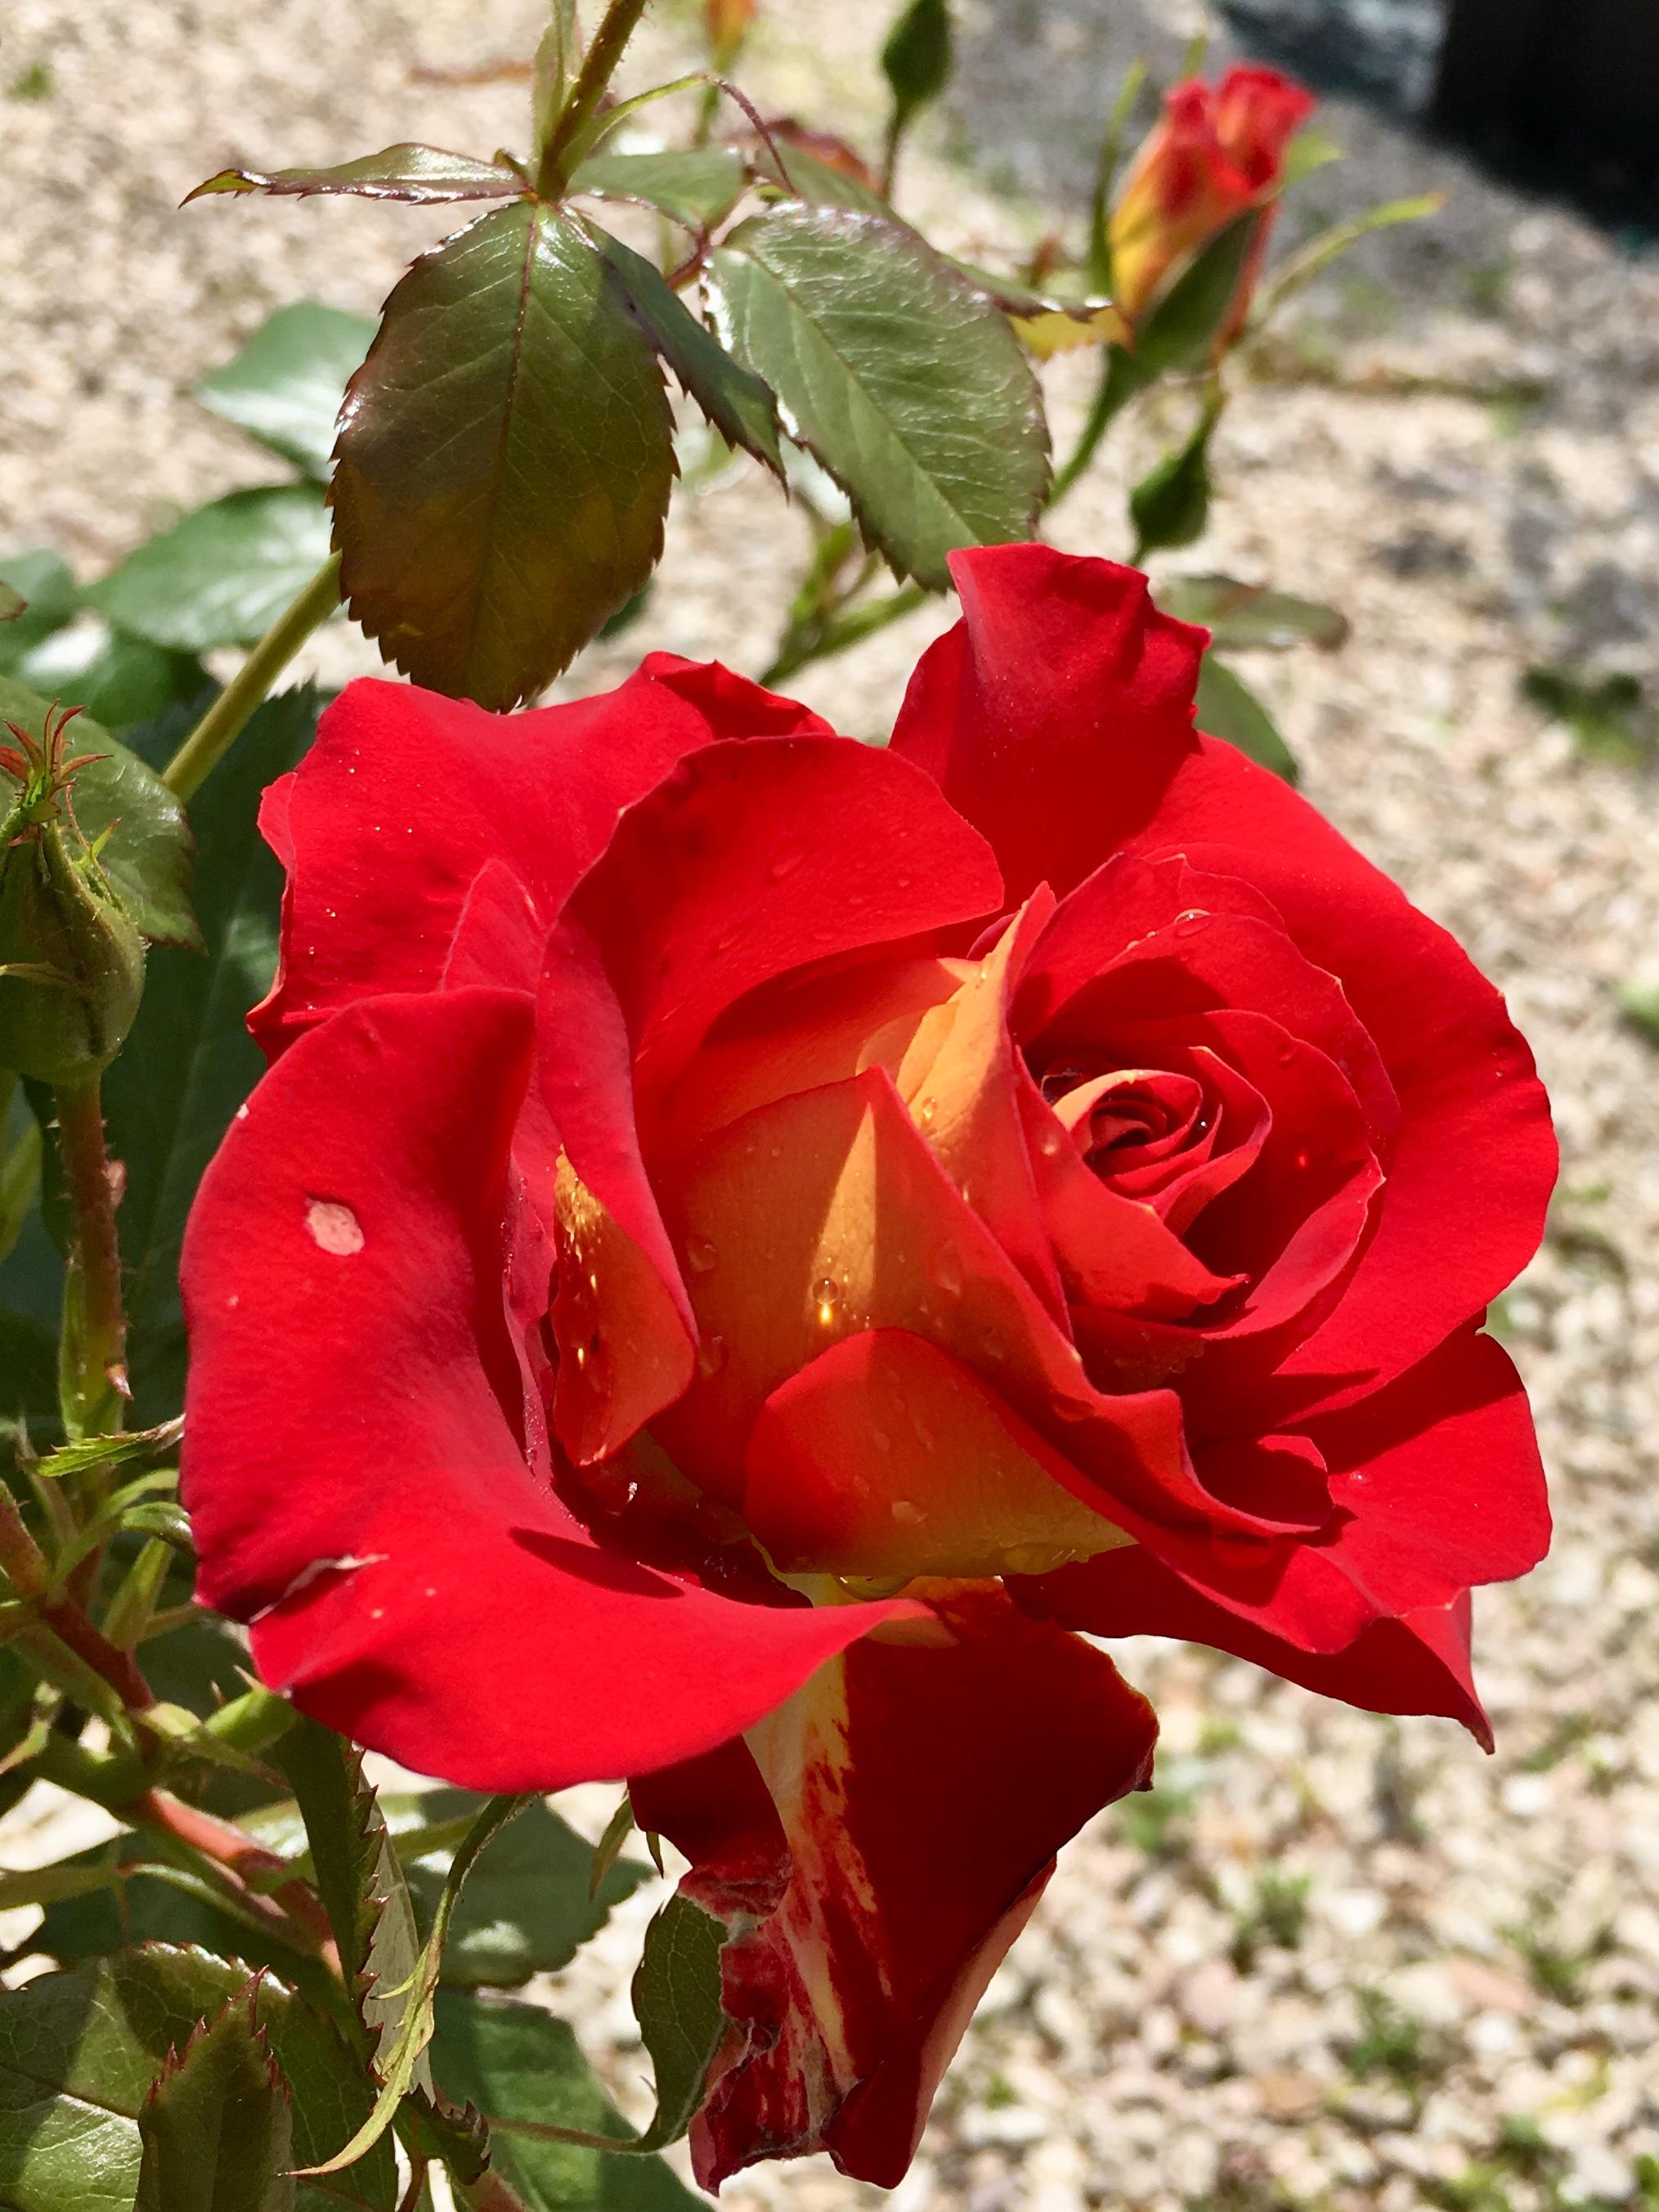 Rose Da Taglio Rifiorenti rosa ketchup & mustard bicolore - vittori vivai forlì cesena